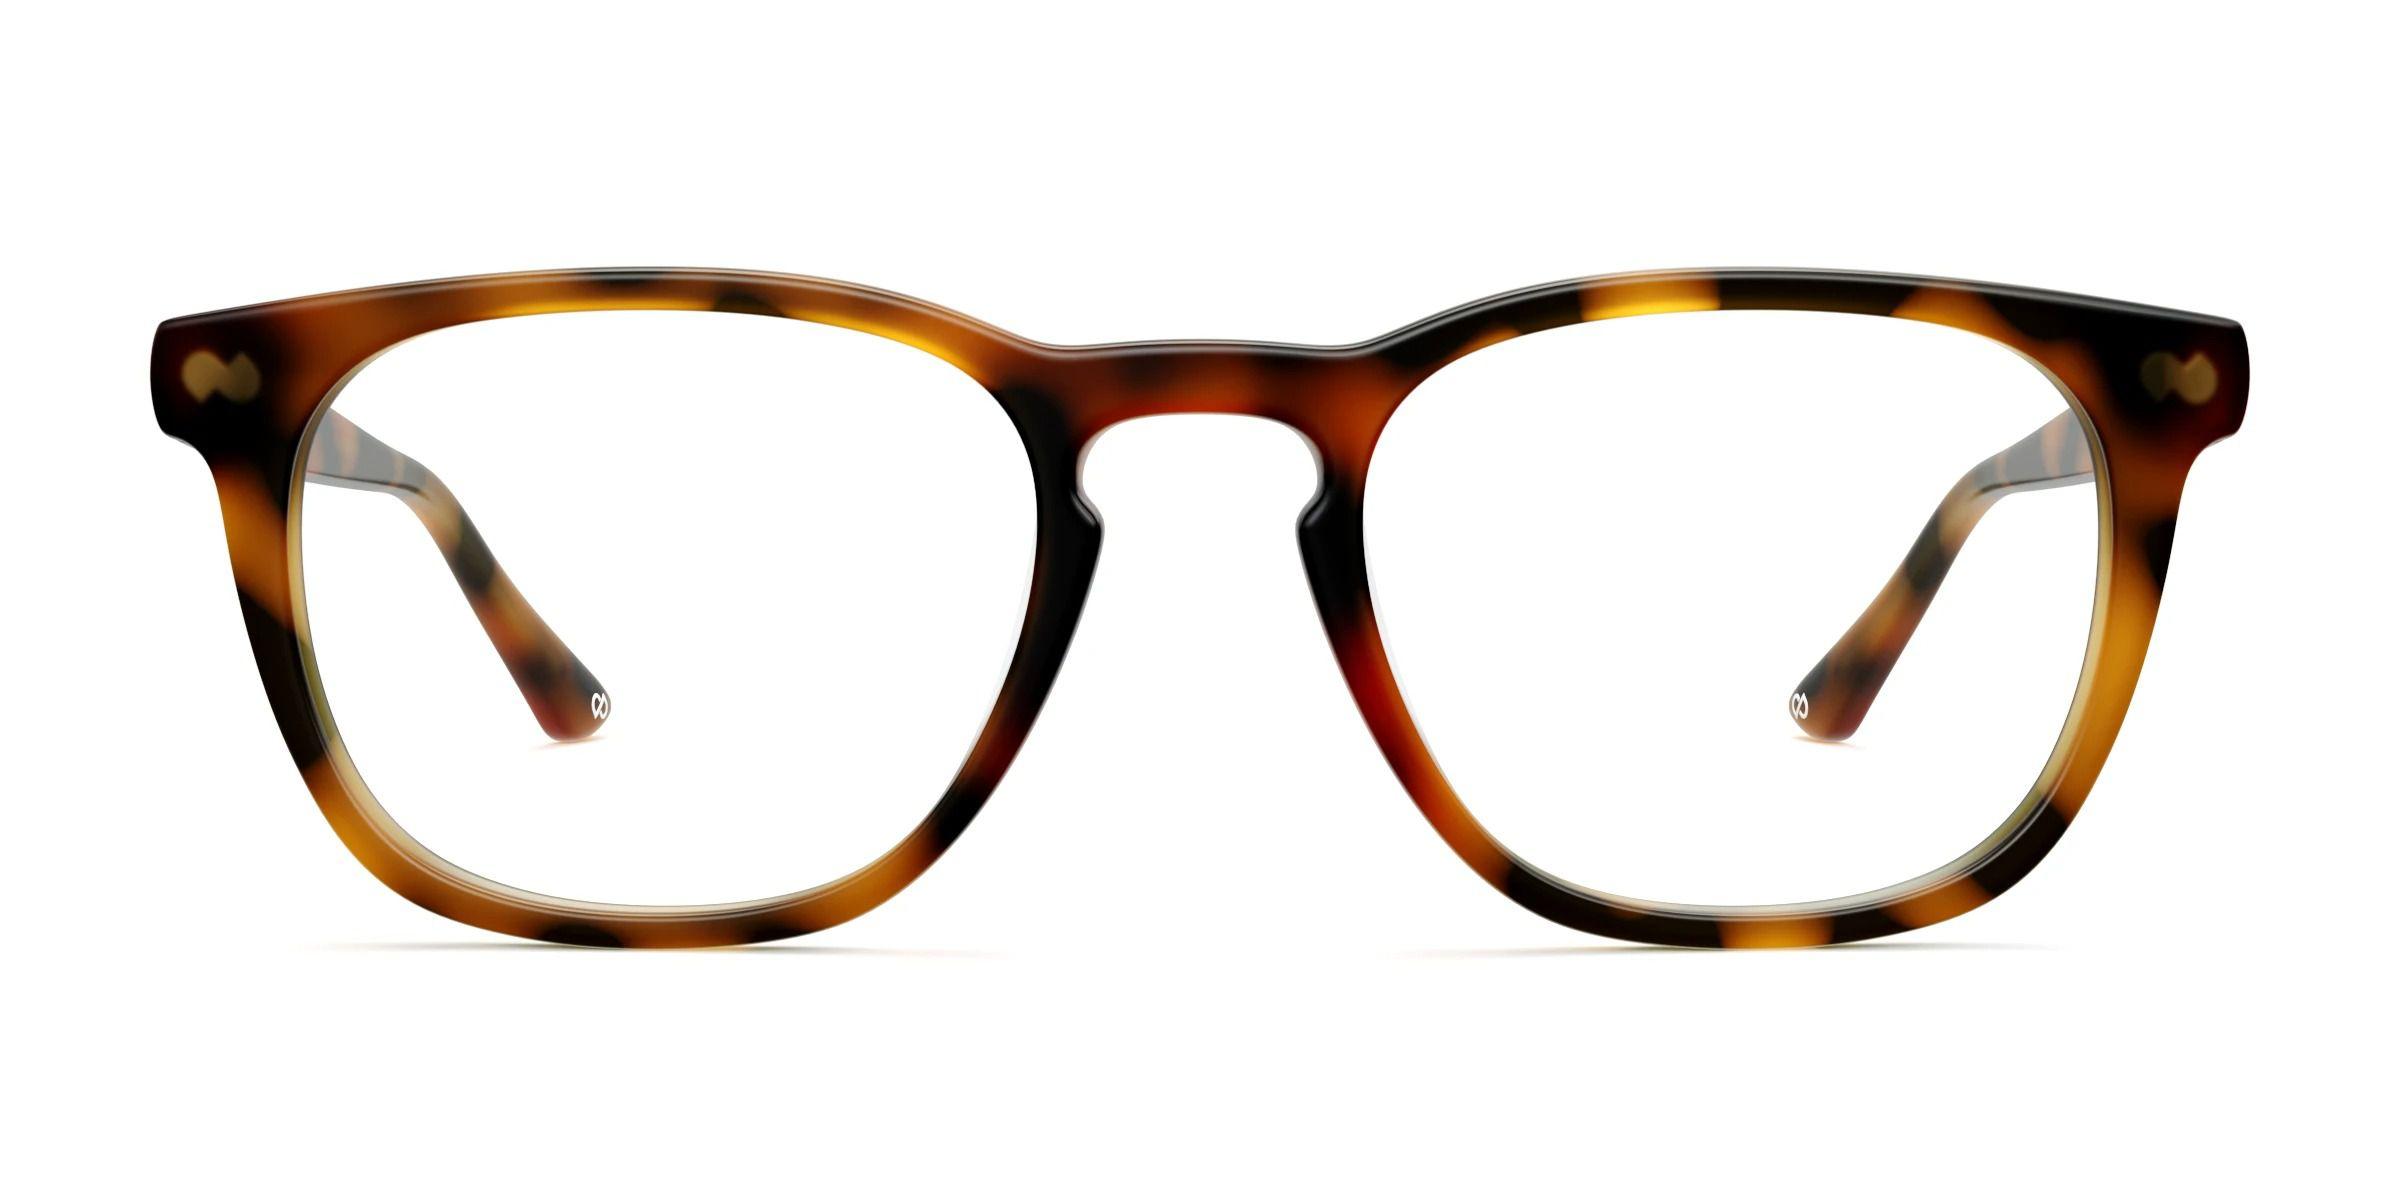 Pair Eyewear Twain